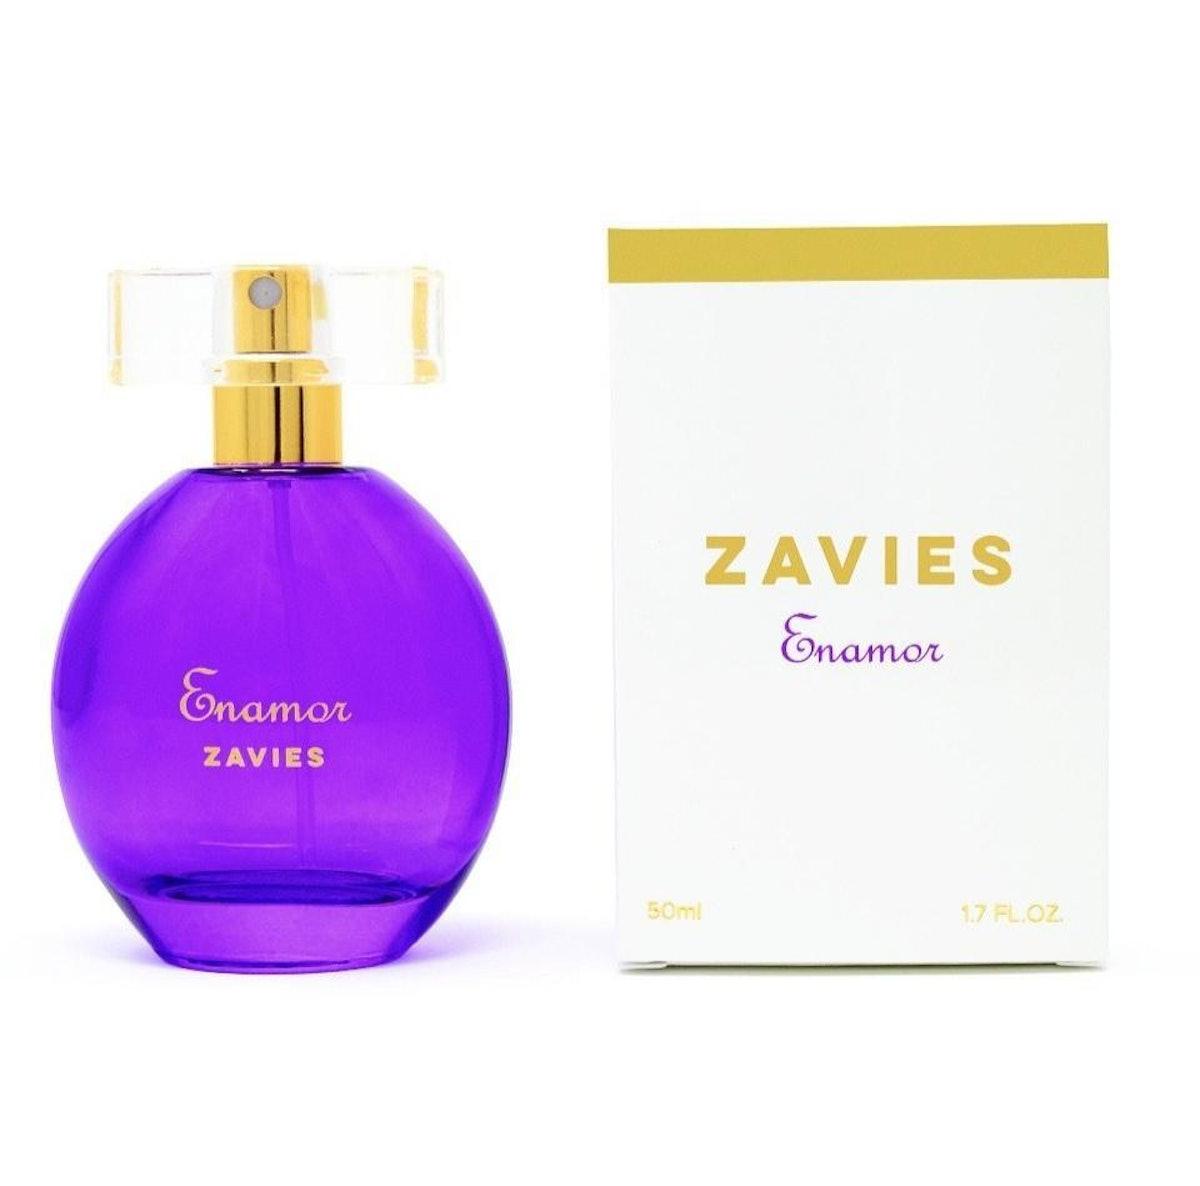 Enamor Eau de Parfum Spray